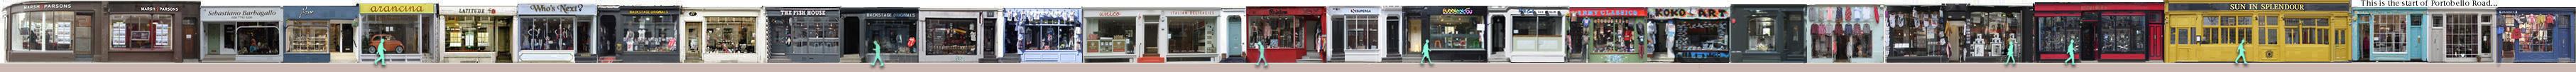 Pembridge Road shops